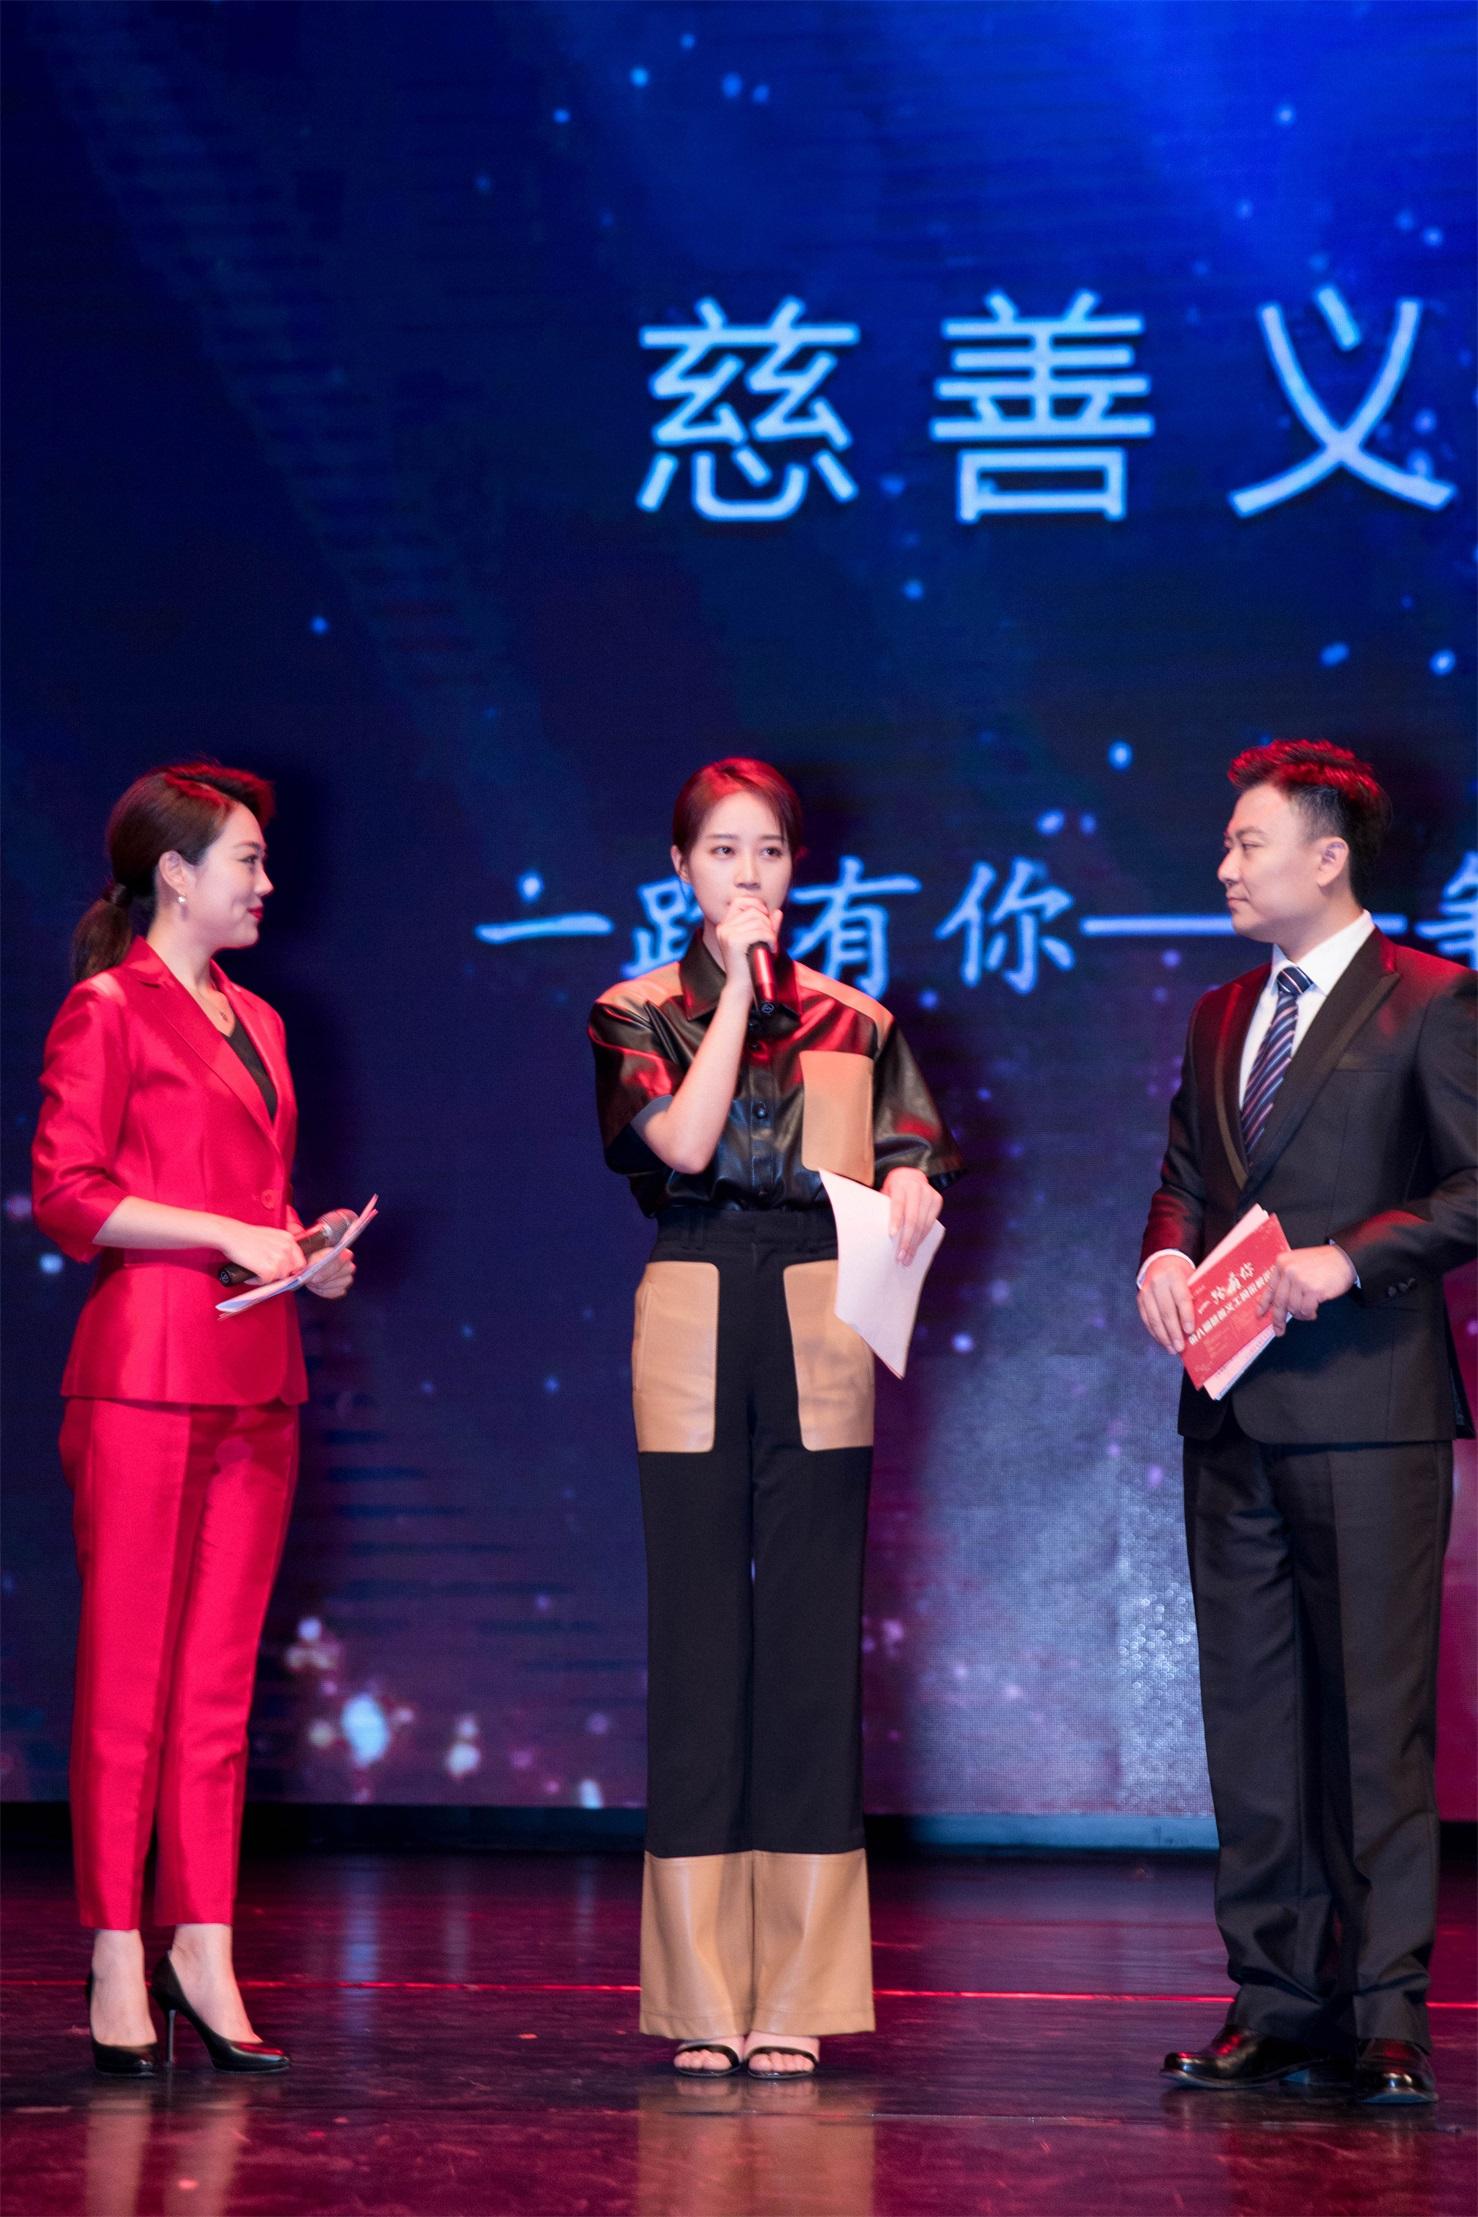 蓝盈莹现身北京慈善义工年度盛典   践行公益点亮美好